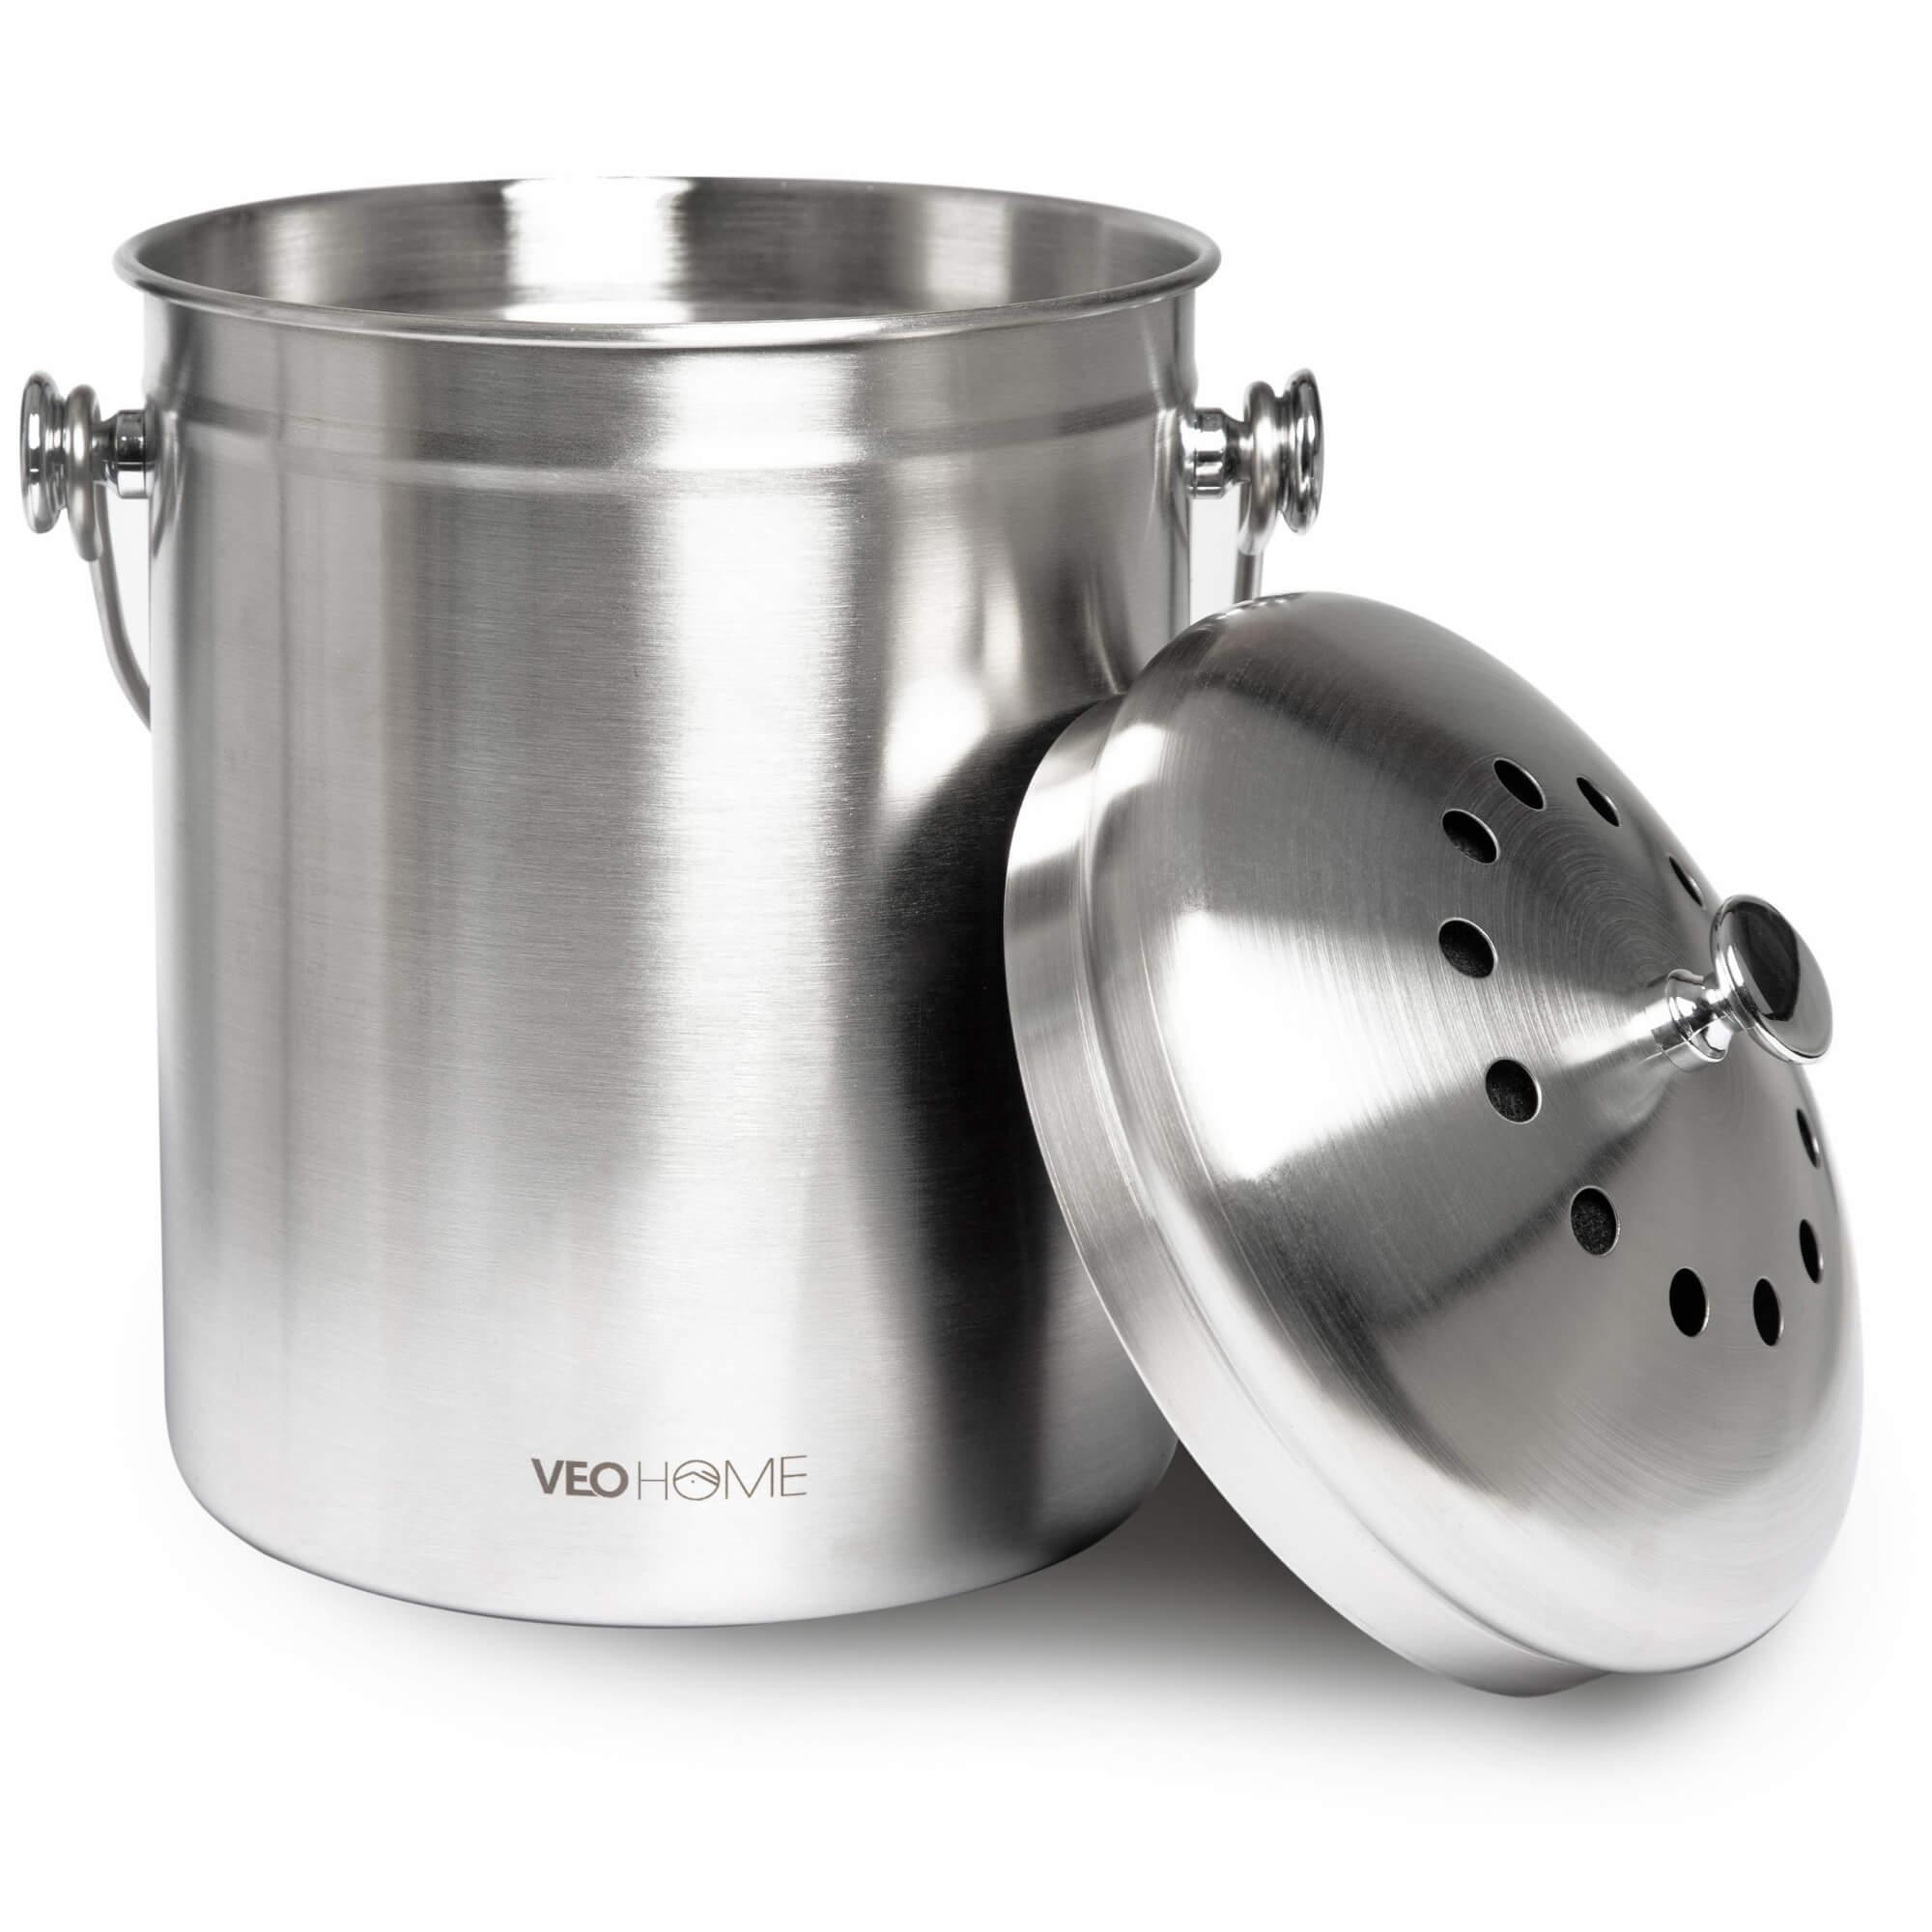 Poubelle A Compost Bac Pour Dechets Organiques En Cuisine Veohome